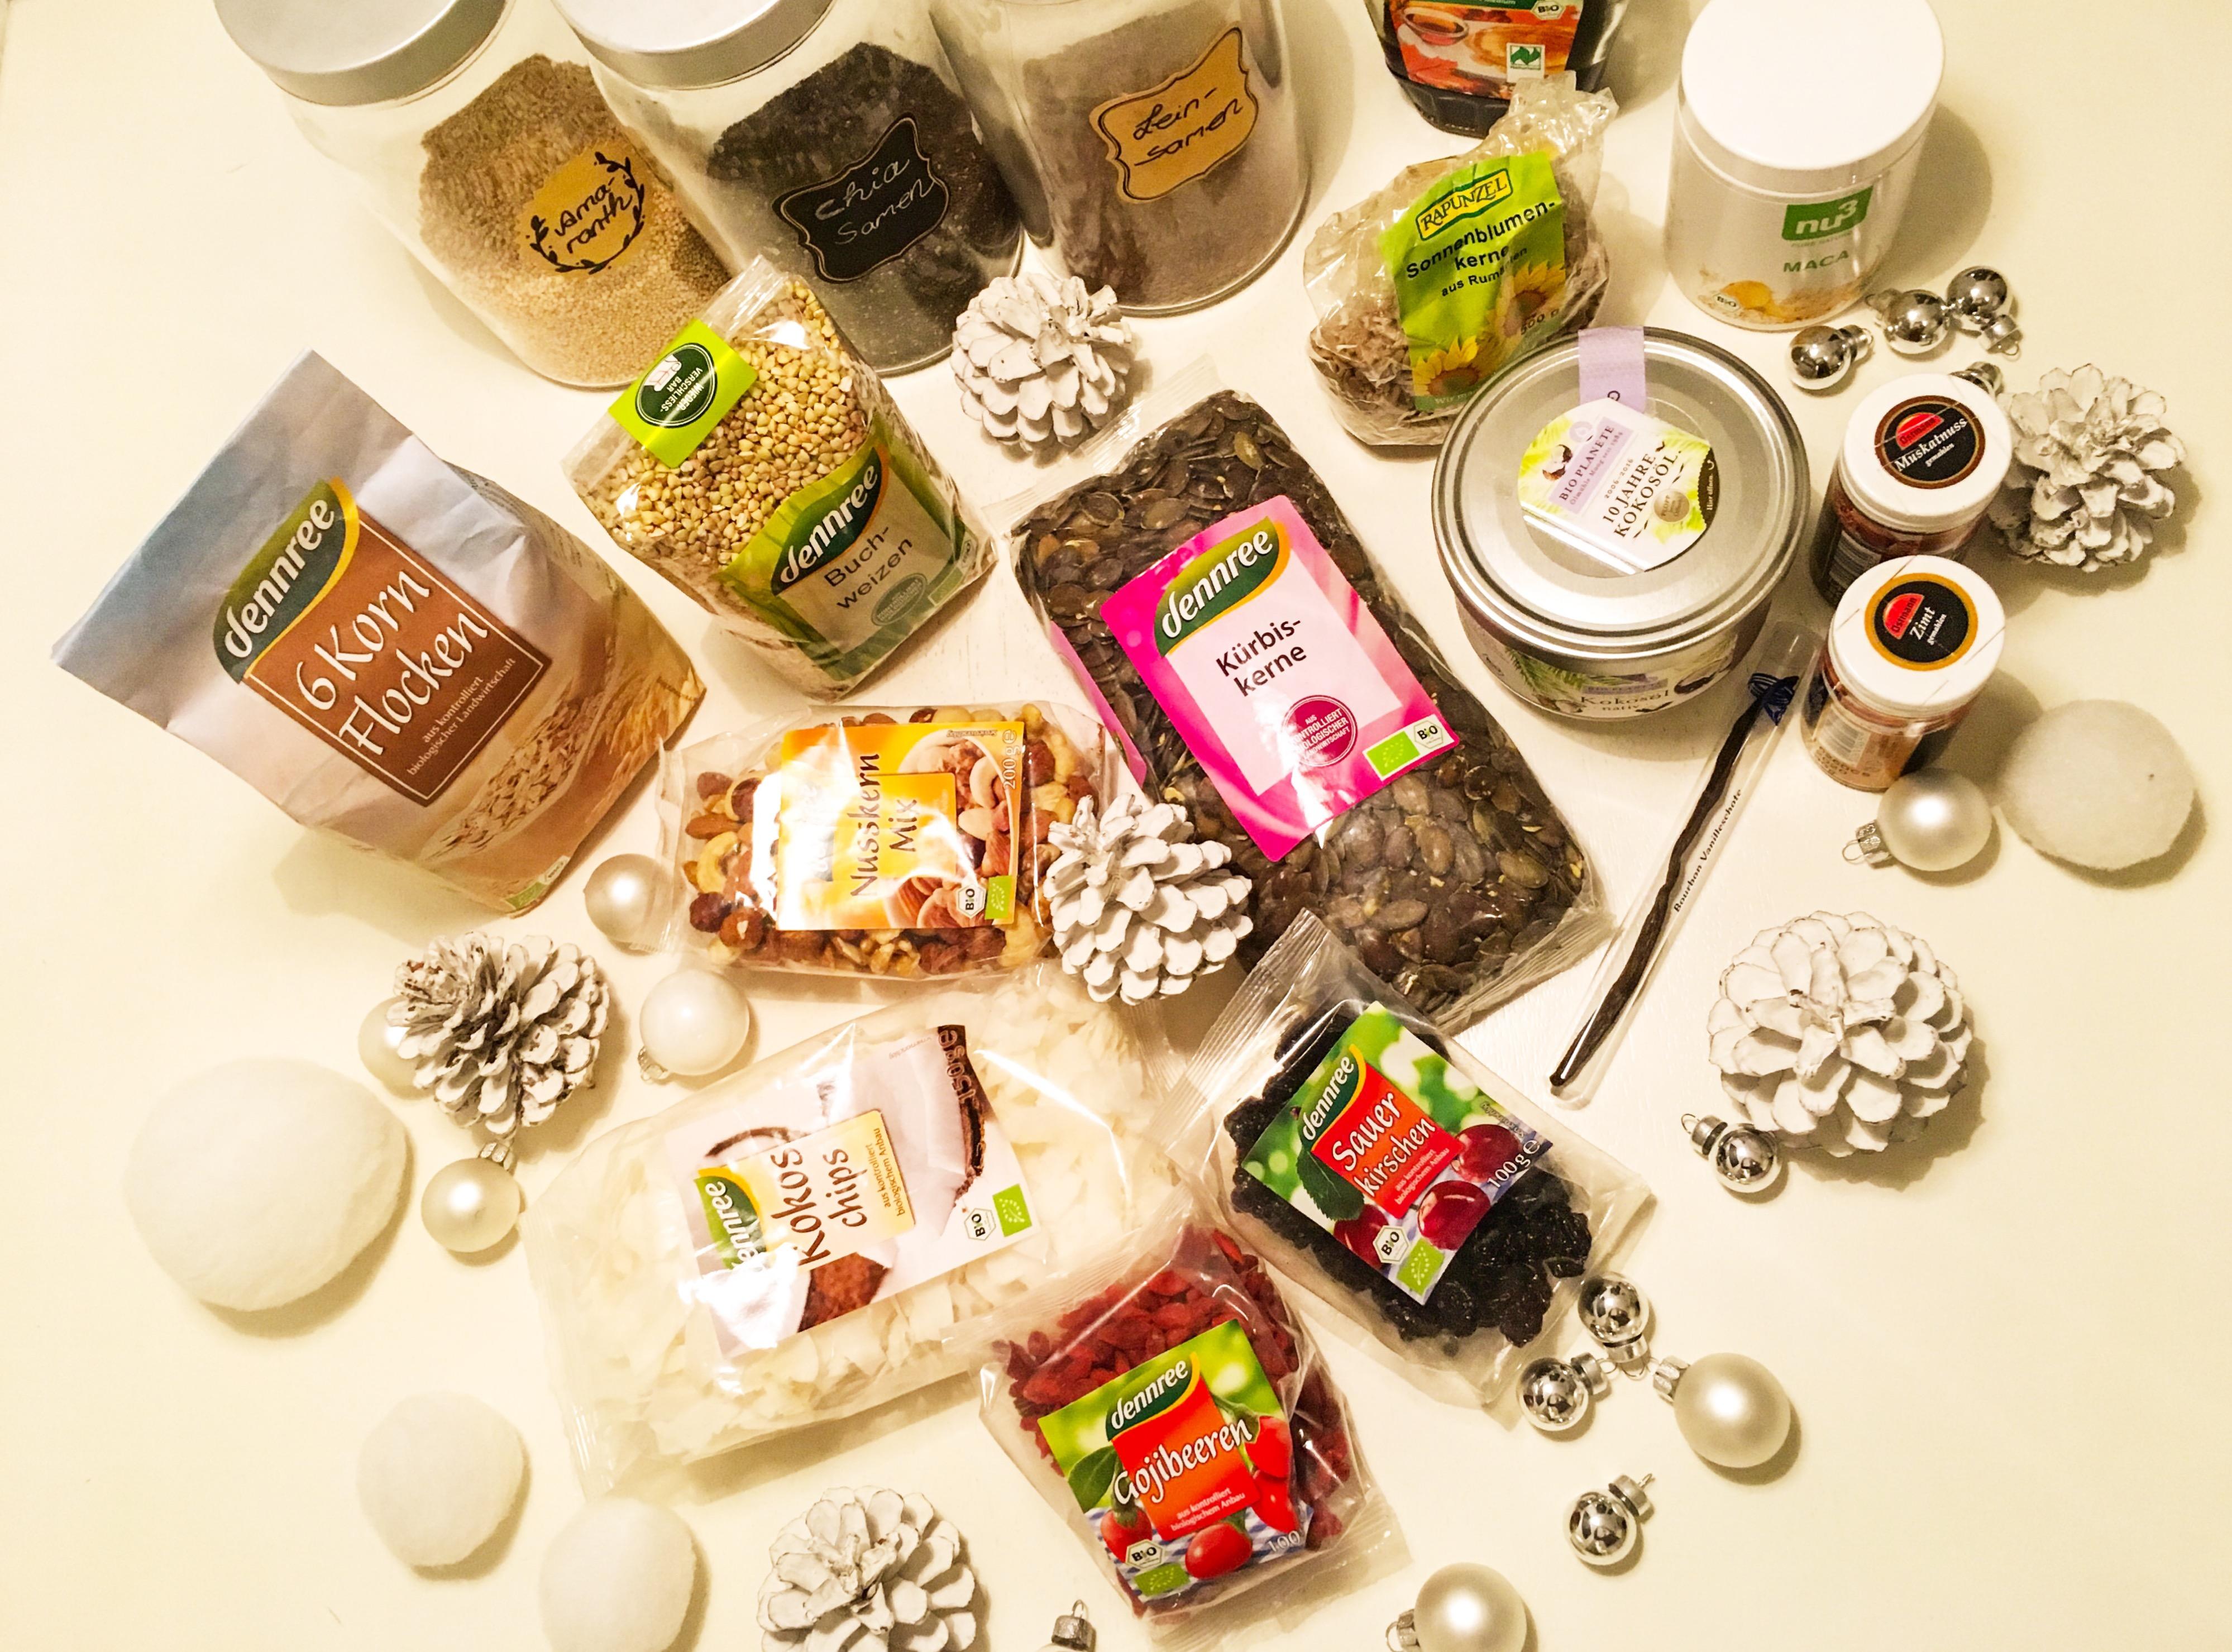 Knuspermüsli gesund Zutaten